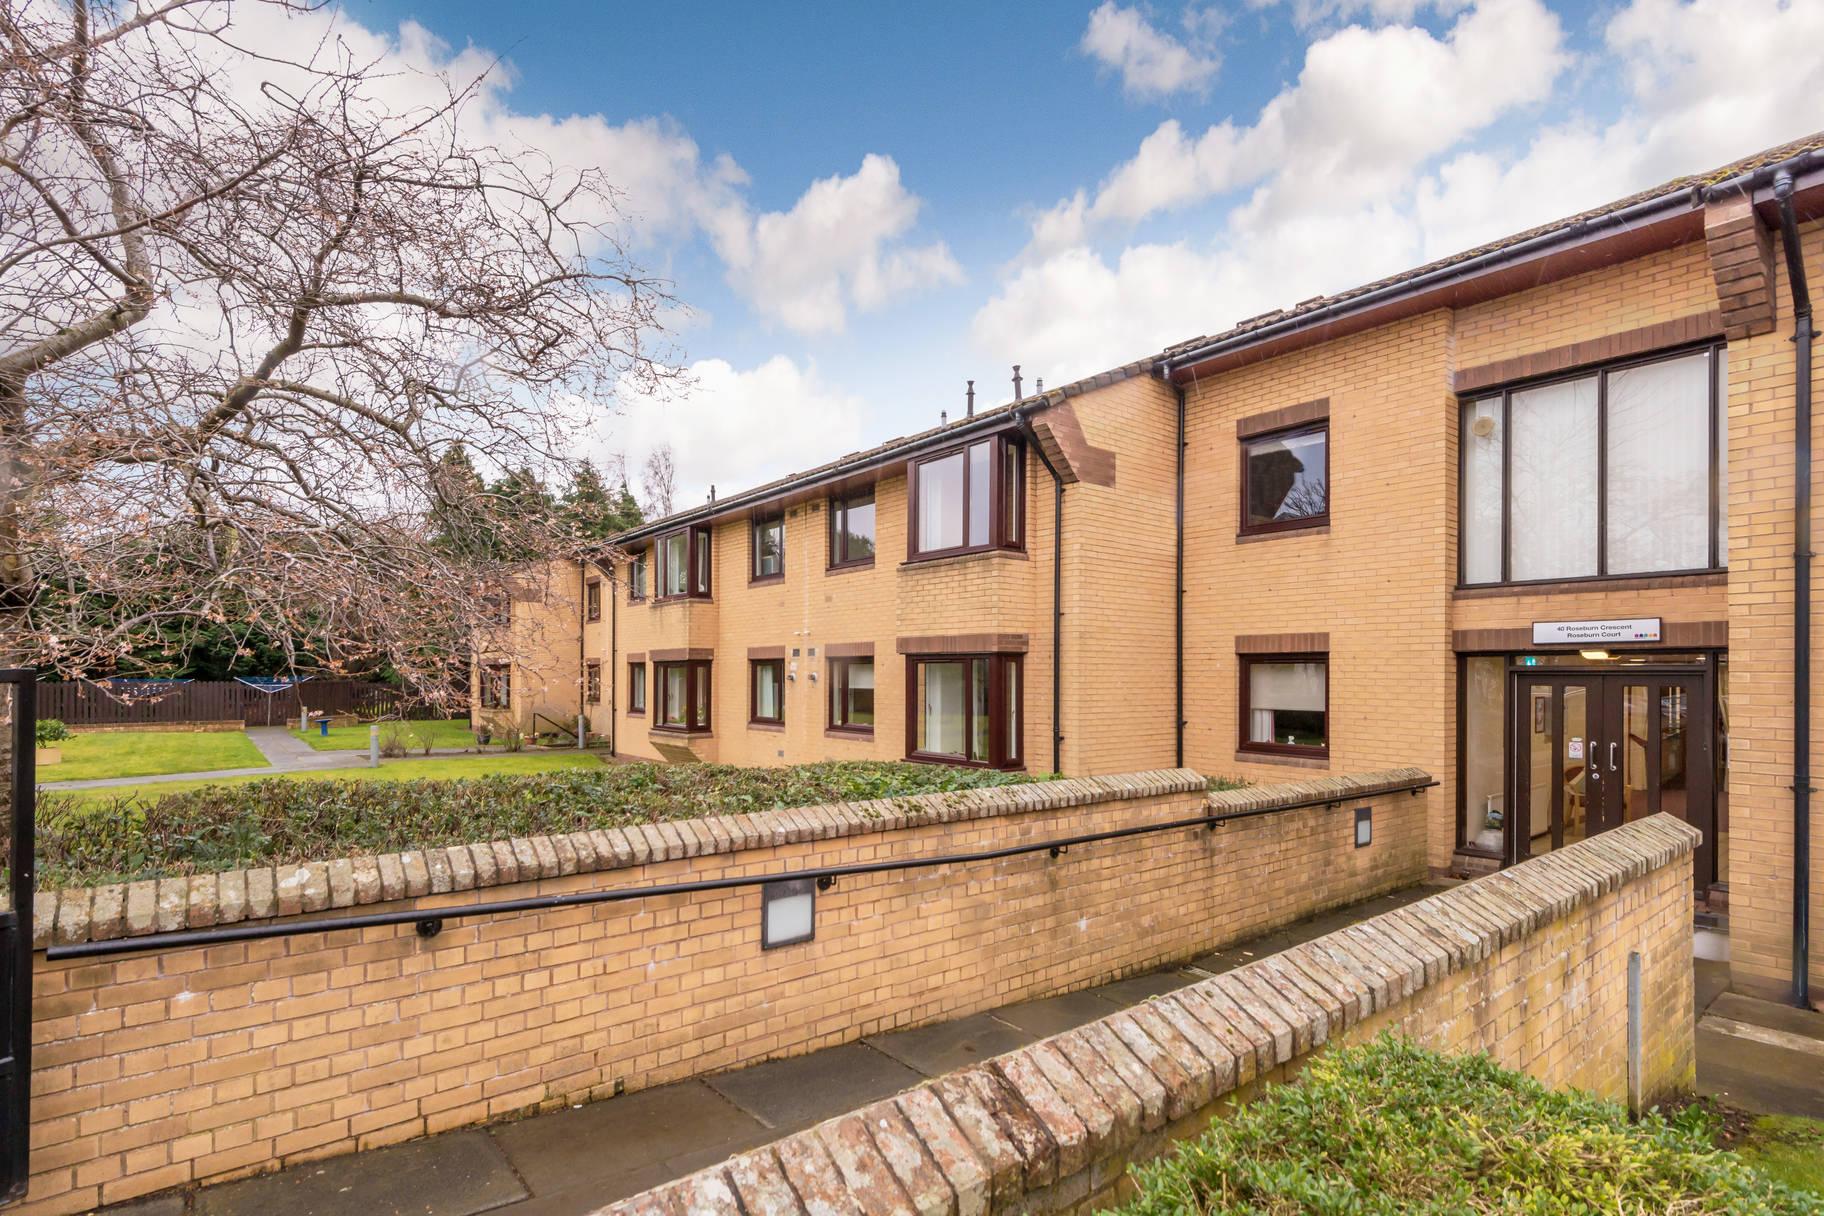 33 Roseburn Court, 40 Roseburn Crescent, Edinburgh, EH12 5PT